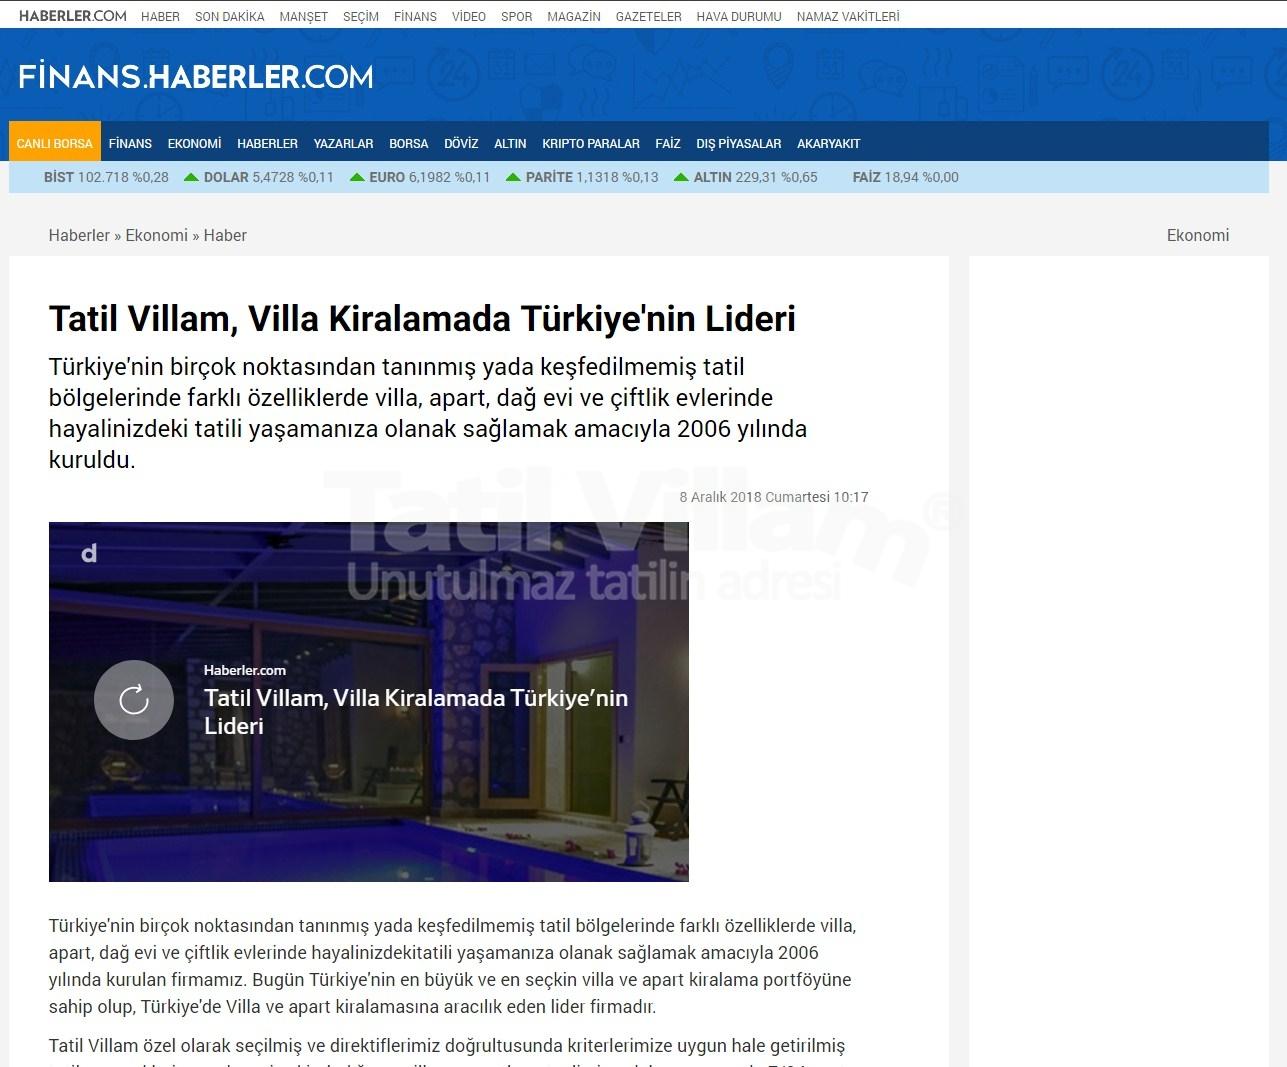 TatilVillam Türkiye' nin en popüler haber sitelerinden haberler.com da yer aldı